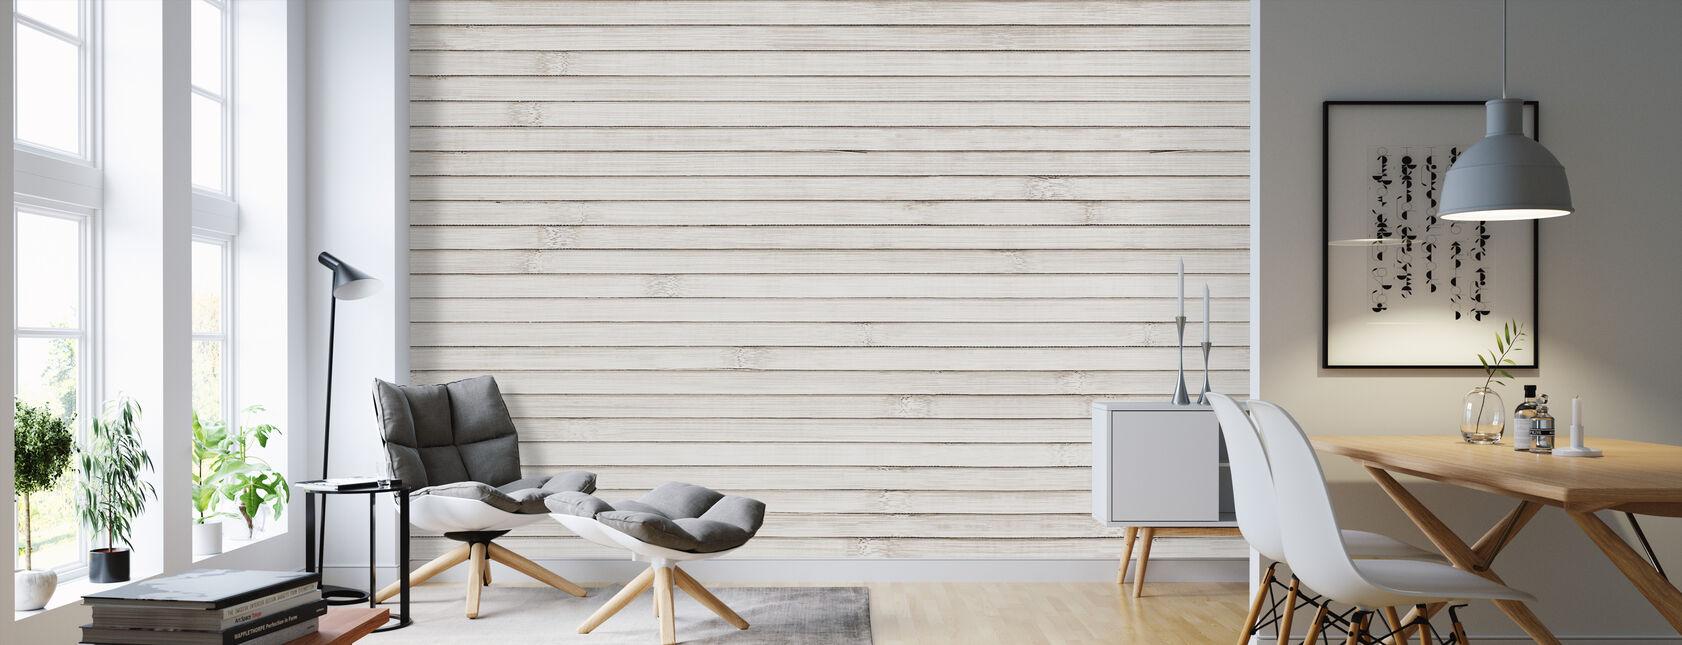 Natural Bamboo Wood - Wallpaper - Living Room